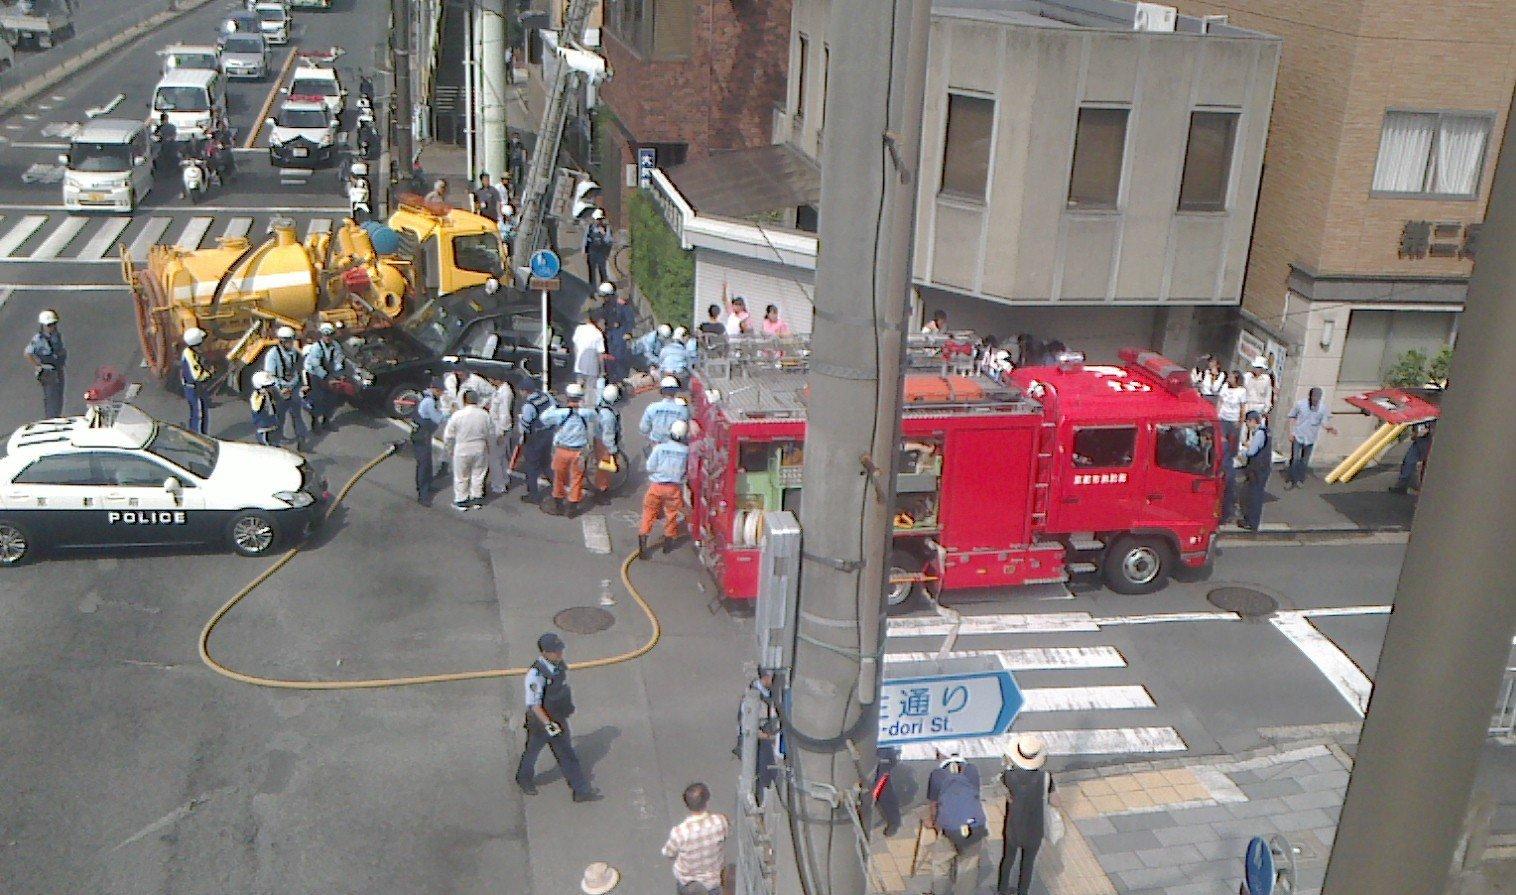 画像,救急車や消防車やパトカーが20台くらい出動していてナニゴト(`ι_´;)!と思ったらタクシーと給油車?が出合い頭に衝突していて大変な事になっていた。 https…